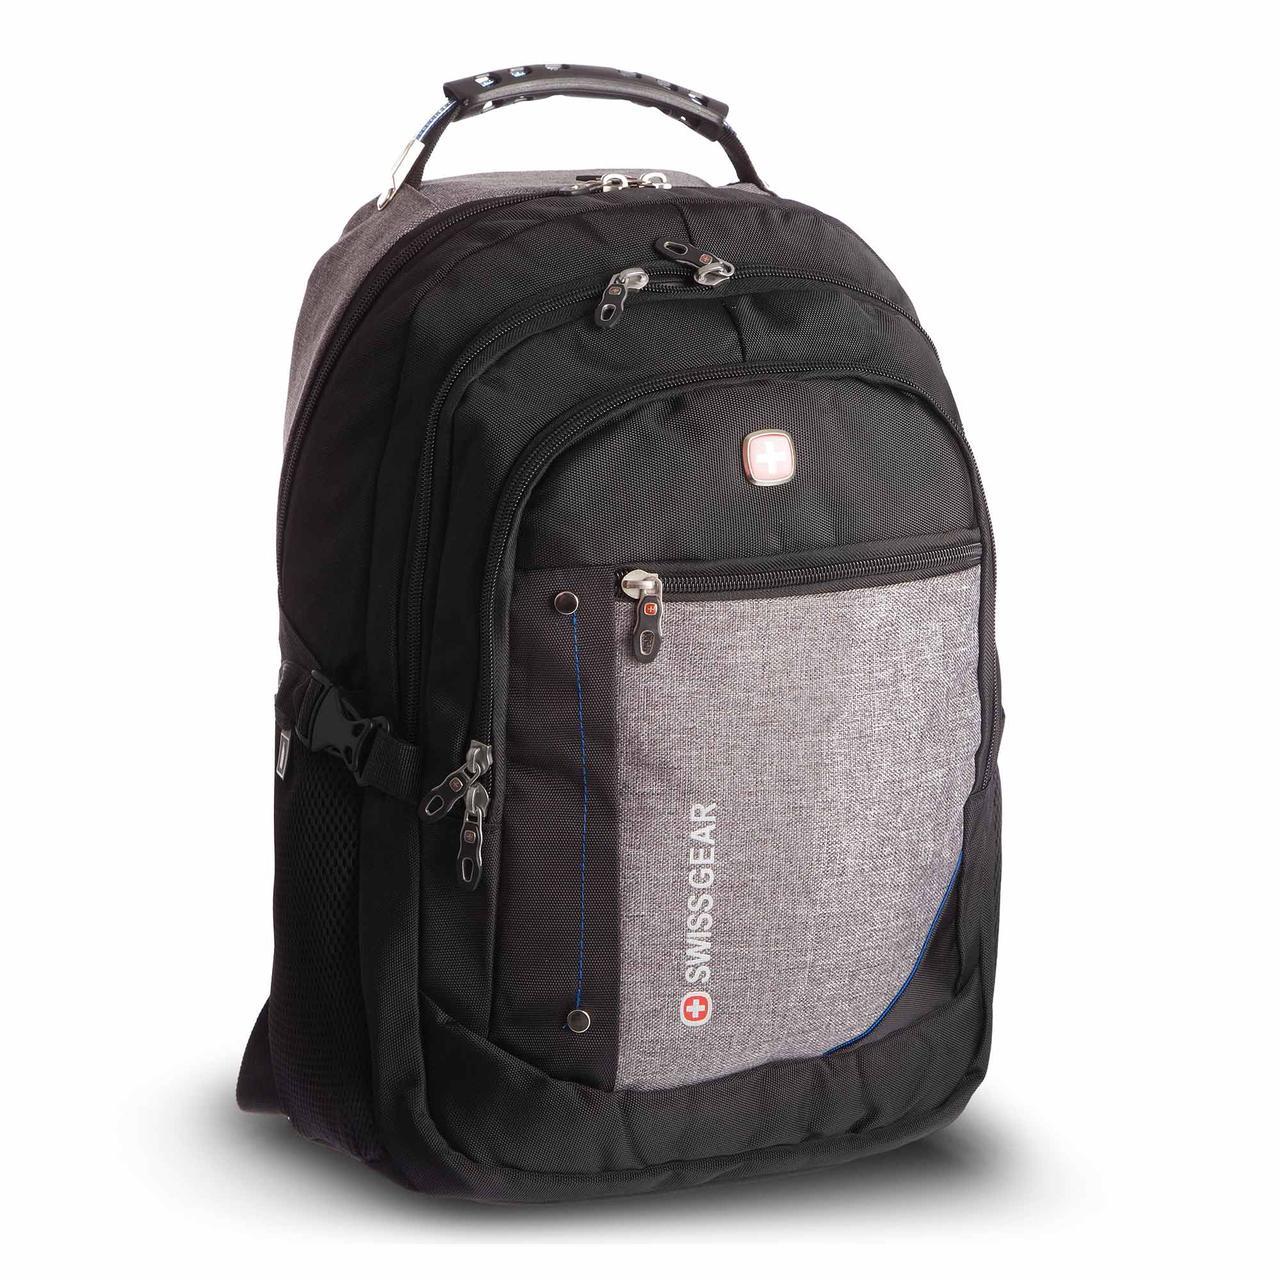 Рюкзак городской planeta-sport VICTOR 35л 6620 20x35x47см USB Серый